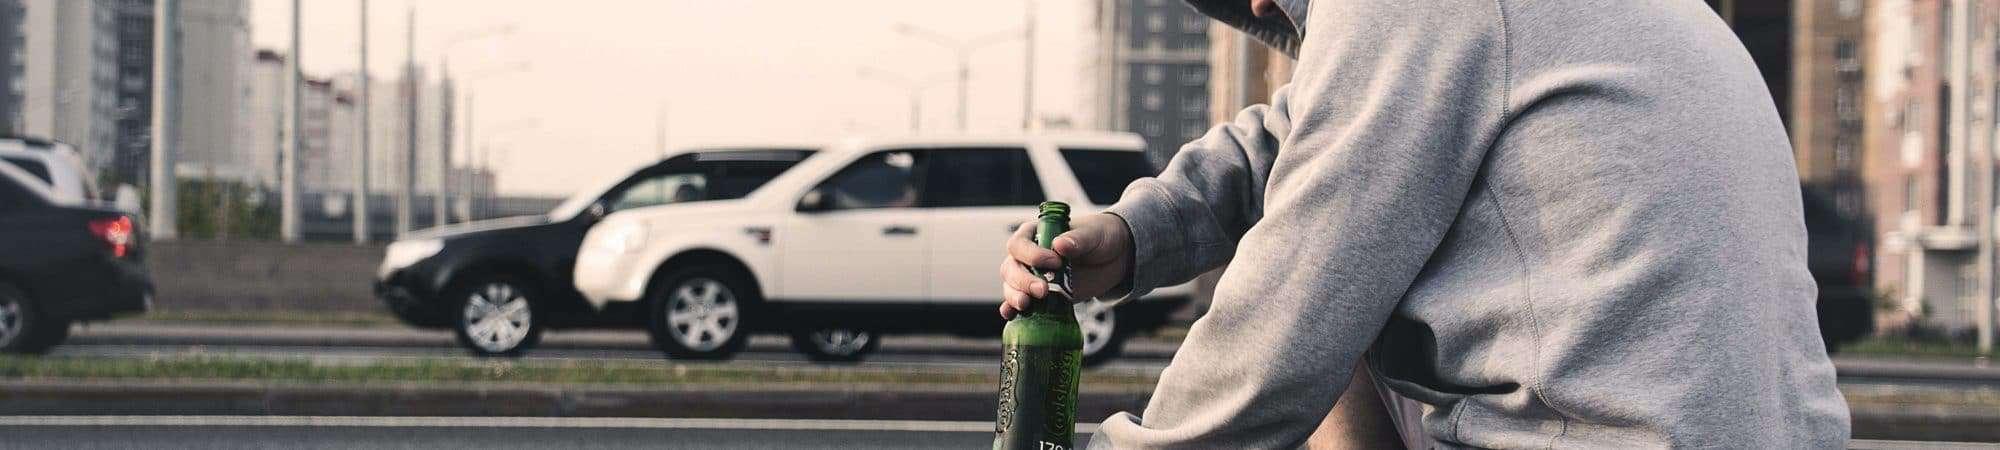 Consumo excessivo de álcool pode causar disfunção erétil, diz USP